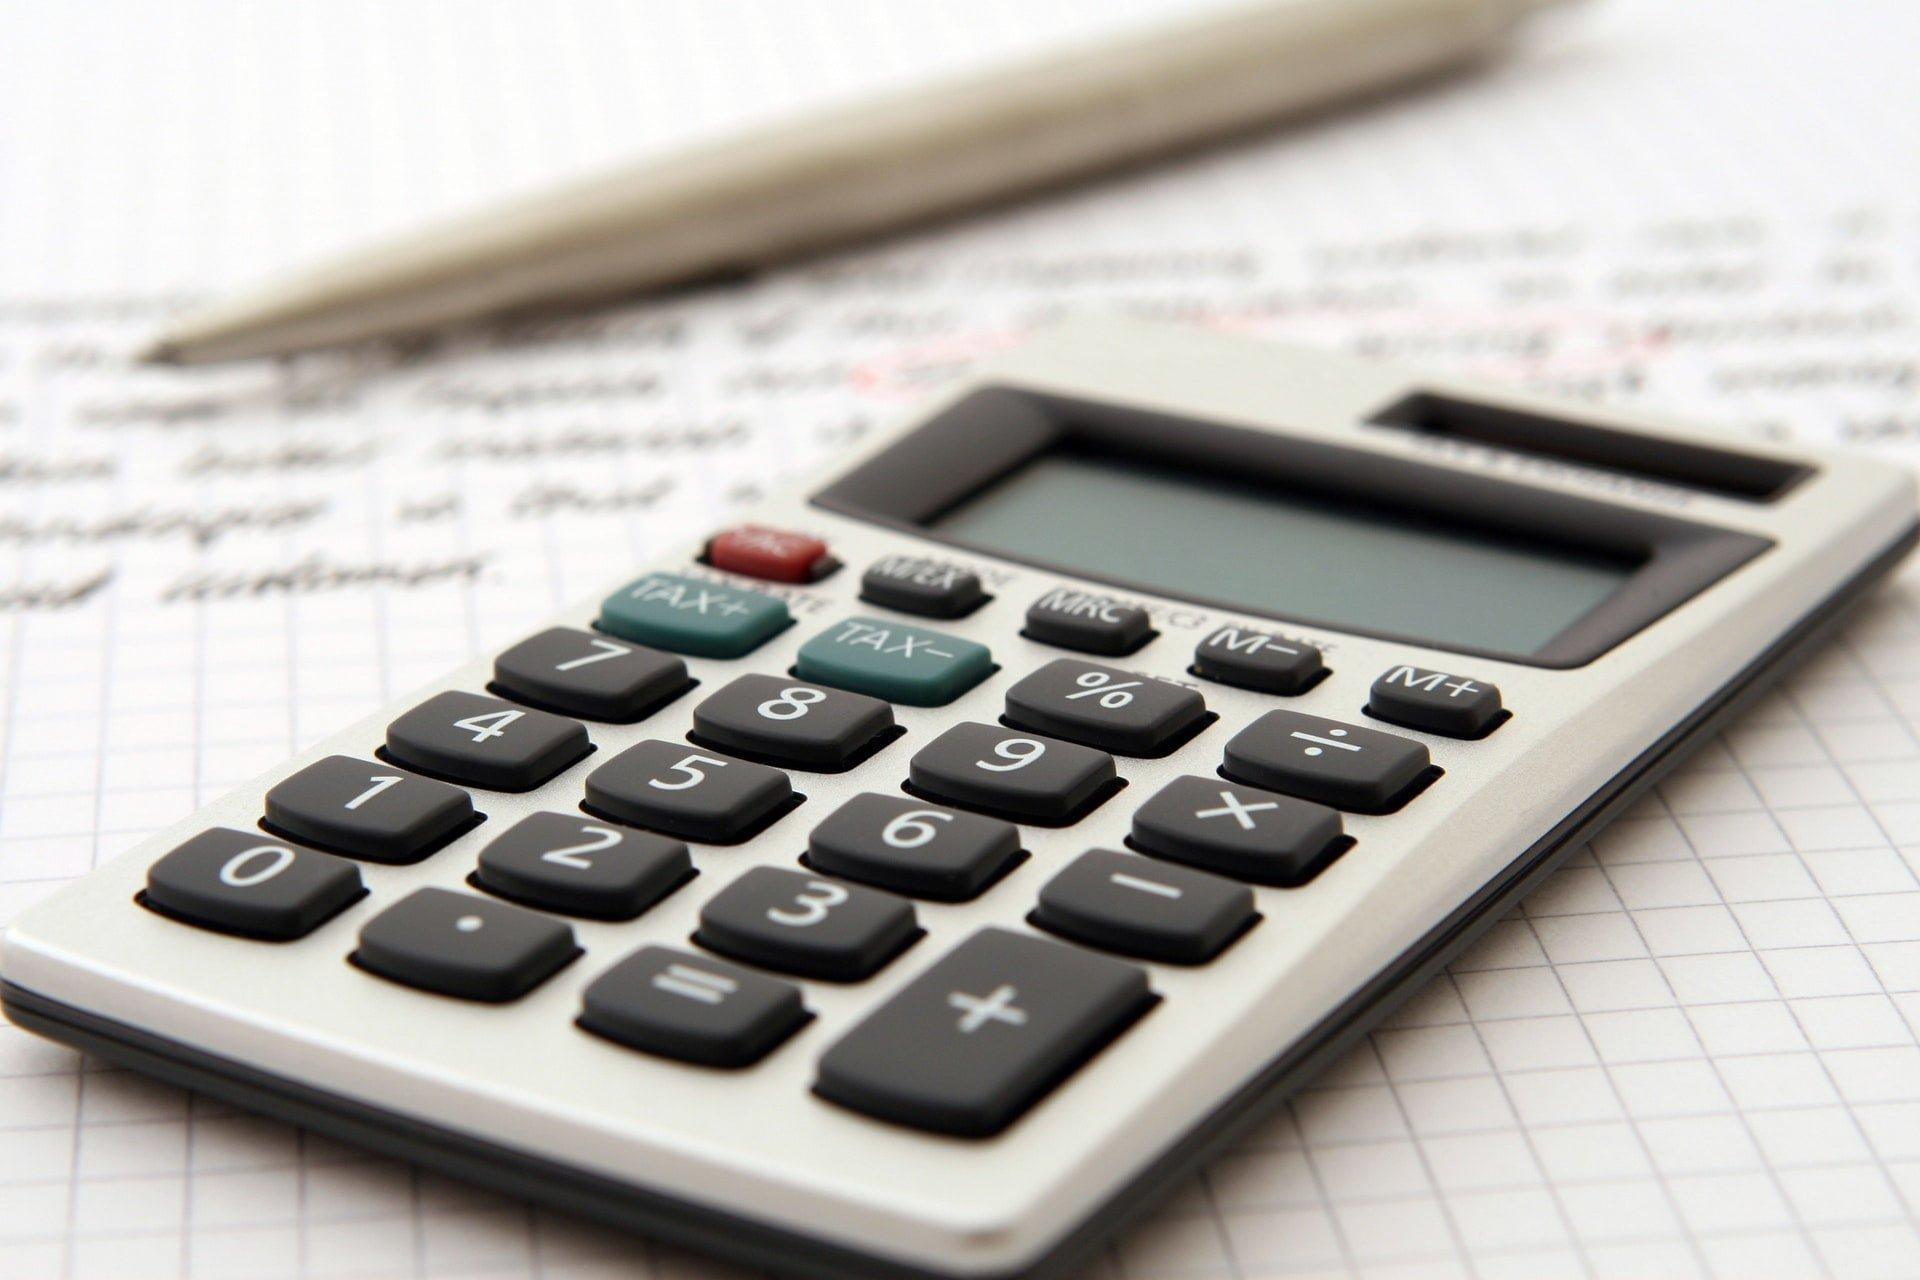 個人綜合所得稅「標準扣除額」是什麼意思?「列舉扣除額」又是什麼?